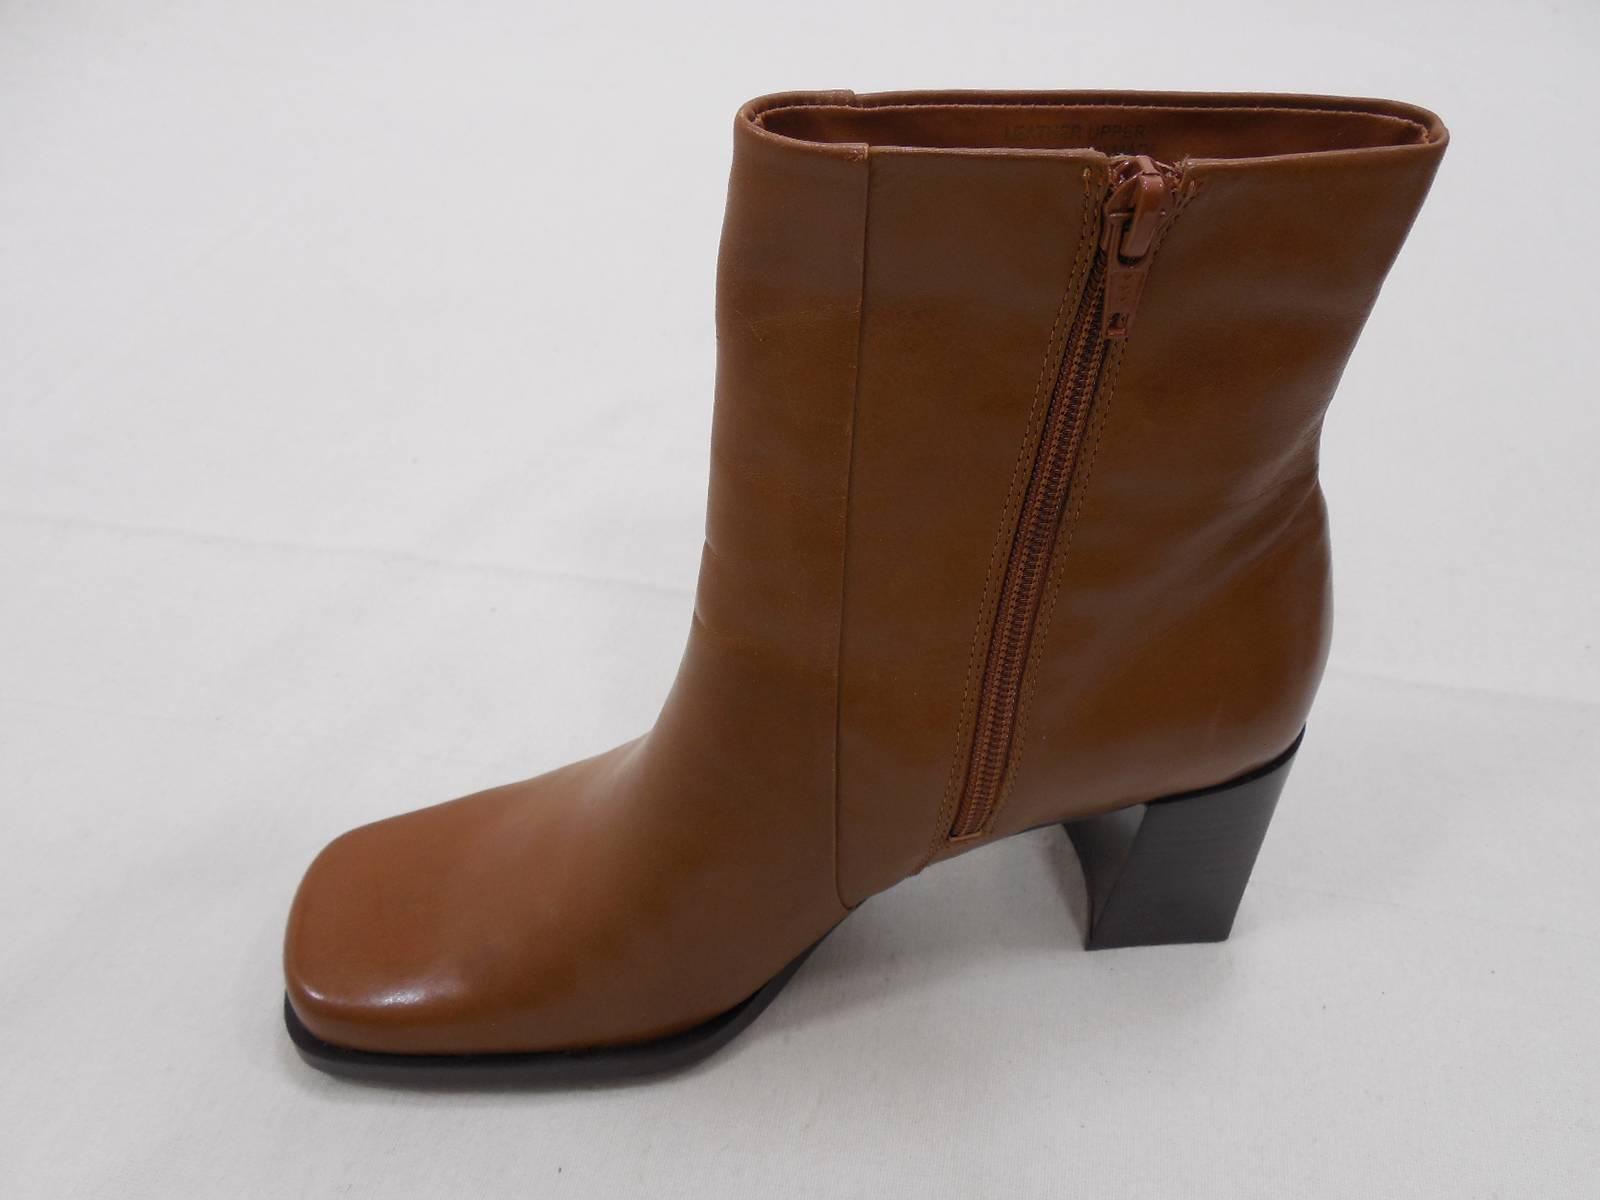 Nine & co pour femme Cheville bottes en Cuir Côté Fermeture Éclair 6 m marron Camel Talon Bloc Chaussure